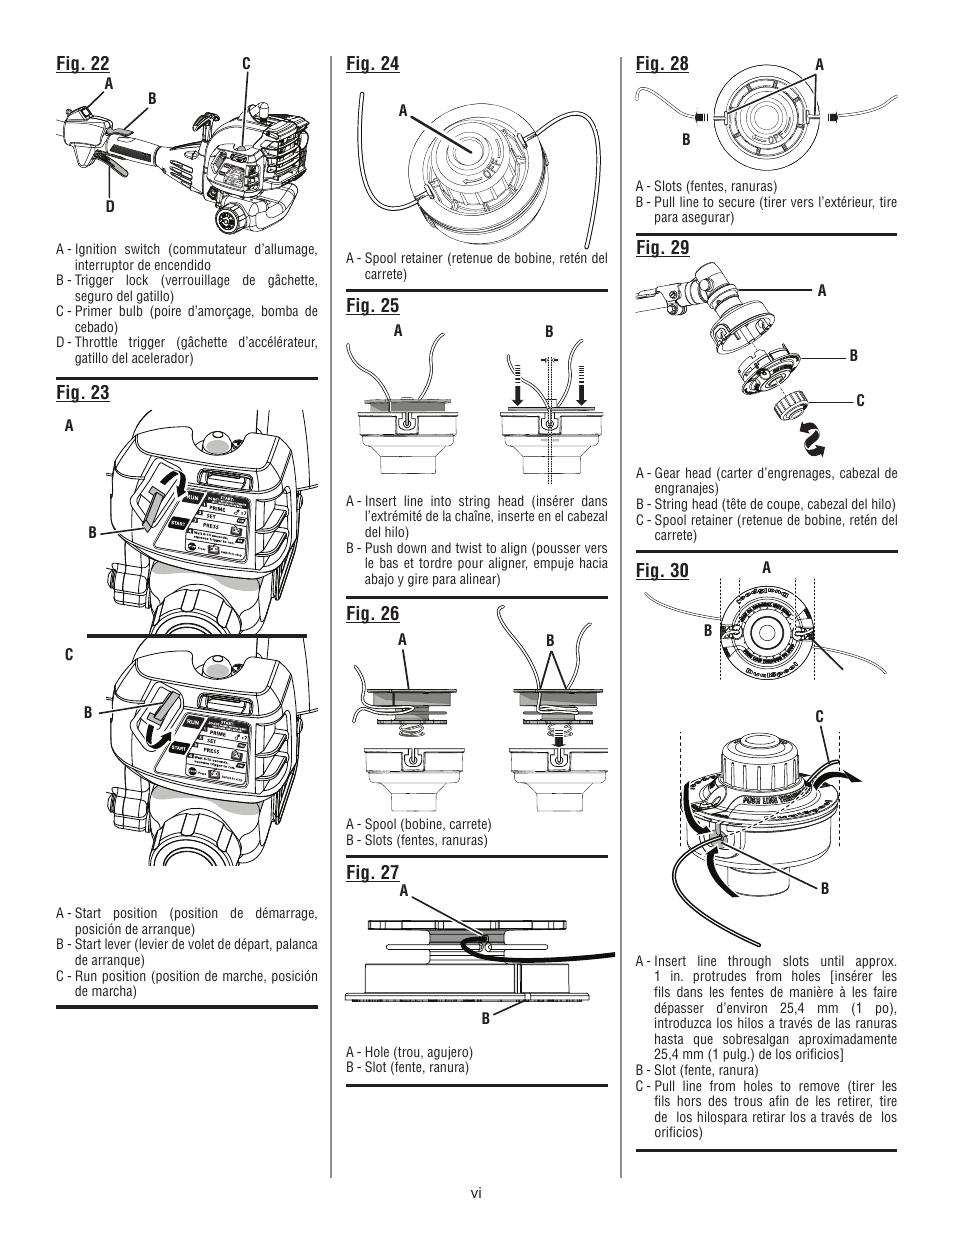 Ryobi Cs26 Diagram Great Installation Of Wiring 790r Spare Parts Diagrams Shoulders Shoreham User Manual Page 6 58 Original Mode Also For Ry26500 Rh Manualsdir Com Cs 26 Engine